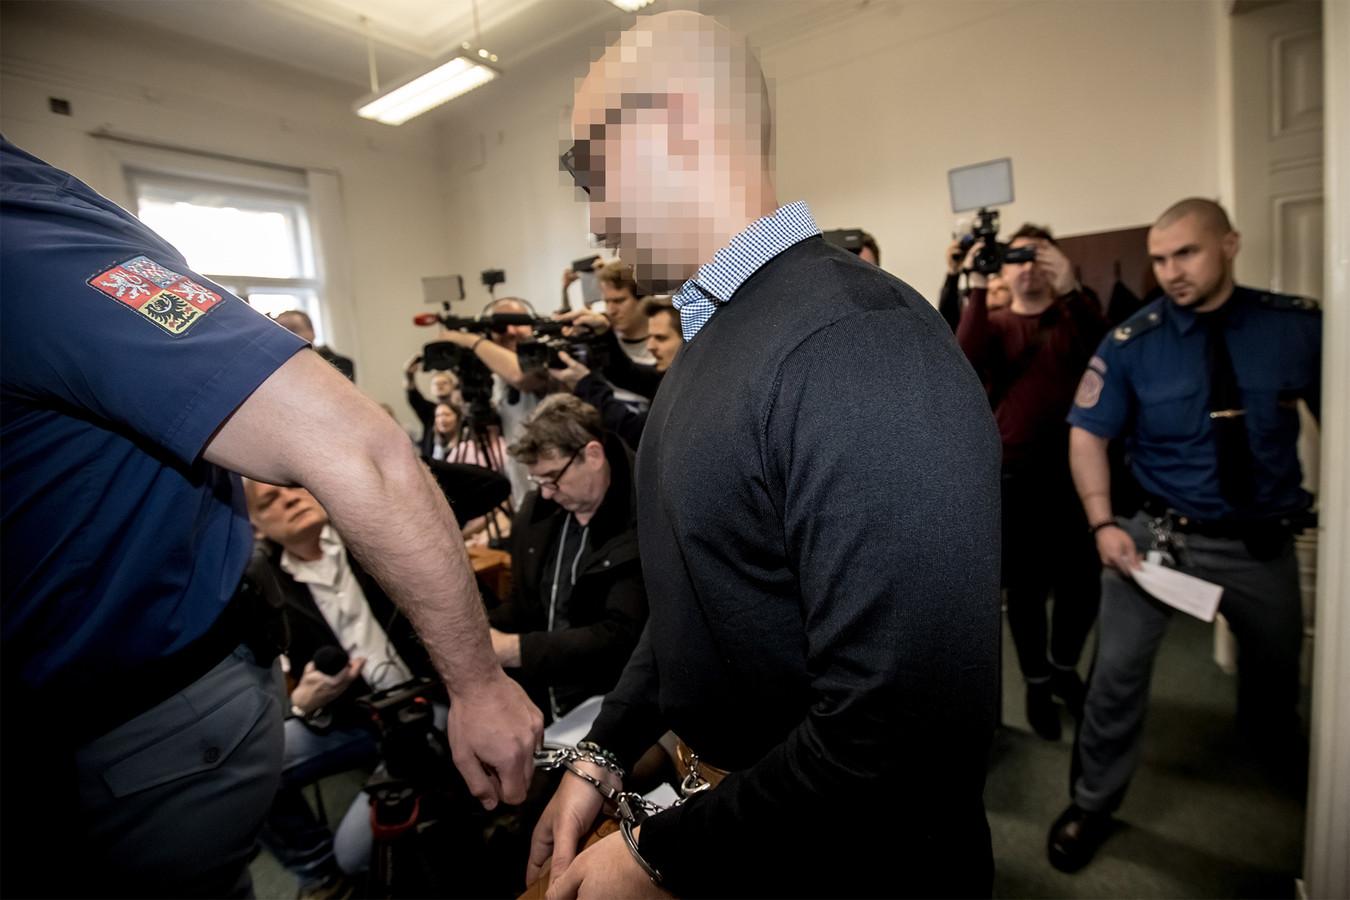 Armin N. wordt door agenten geboeid de rechtszaal ingeleid.